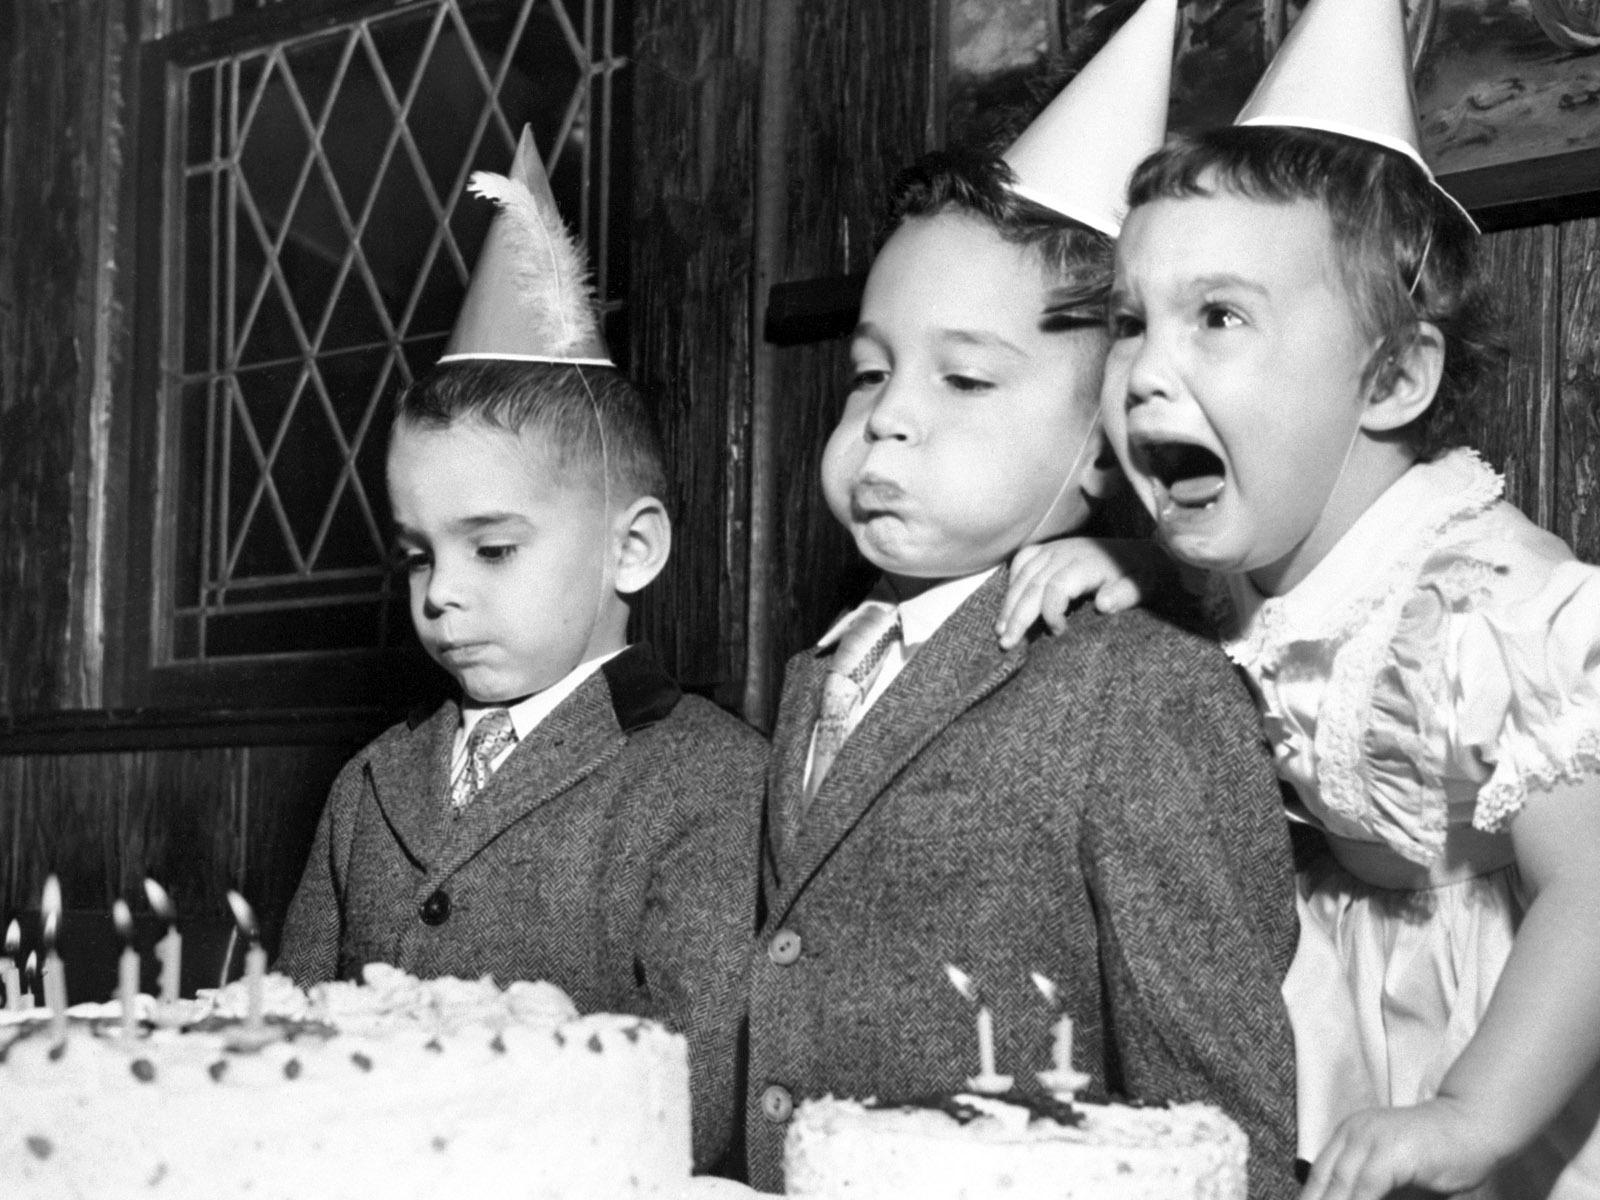 Нарисованные, смешные картинки с днем рождения малыш